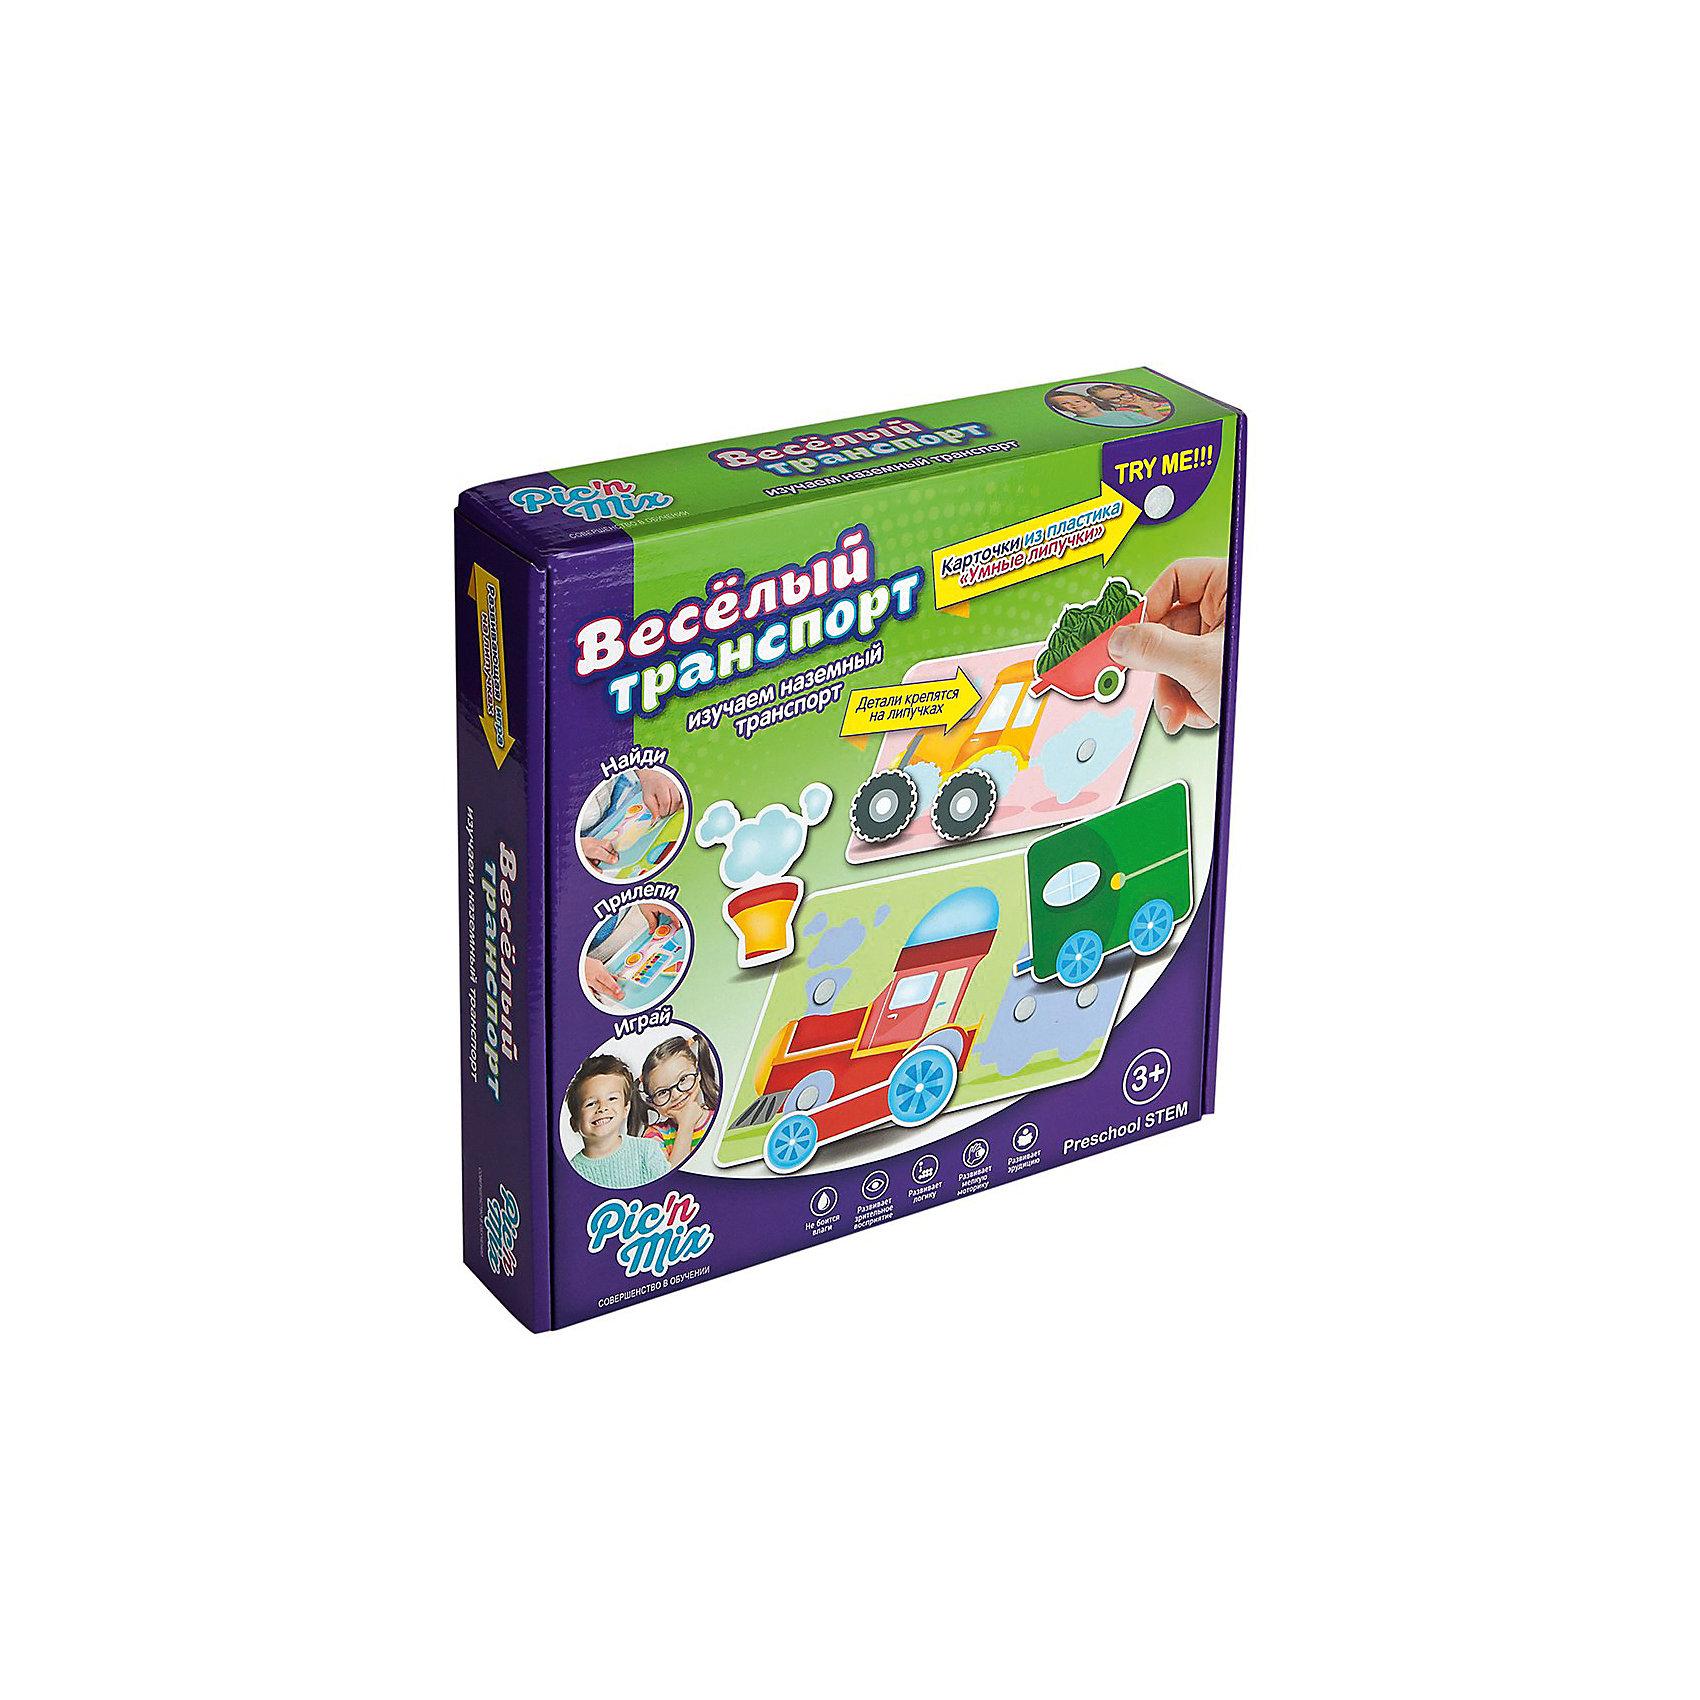 Pic'nMix Игра Веселыей транспорт, Pic'nMix детский транспорт интернет магазин